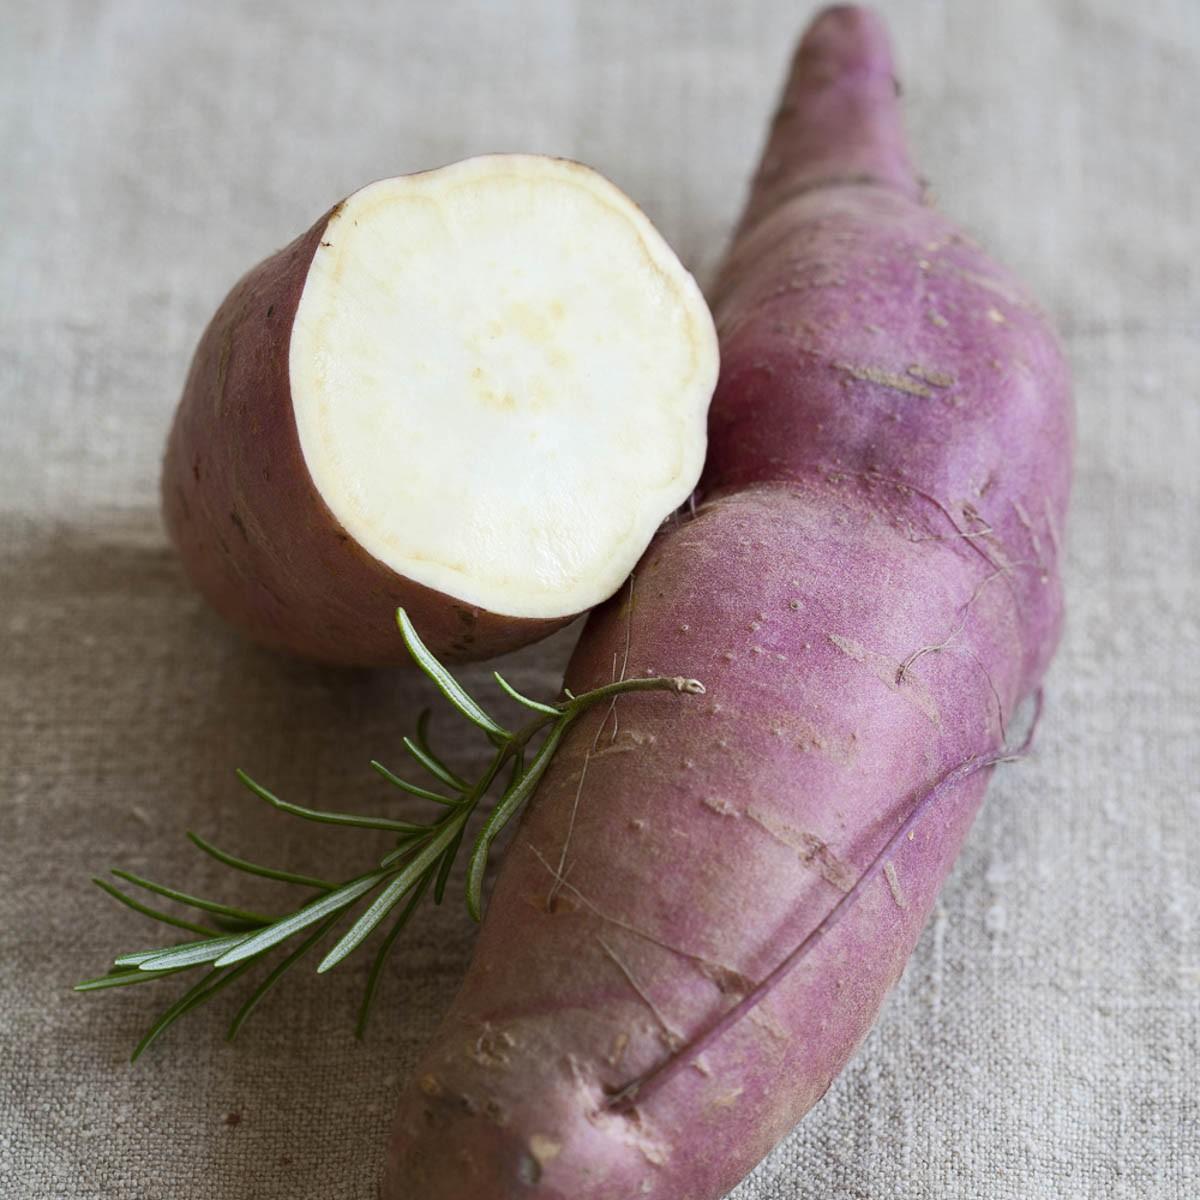 Speise-Süßkartoffel 'Erato® White'